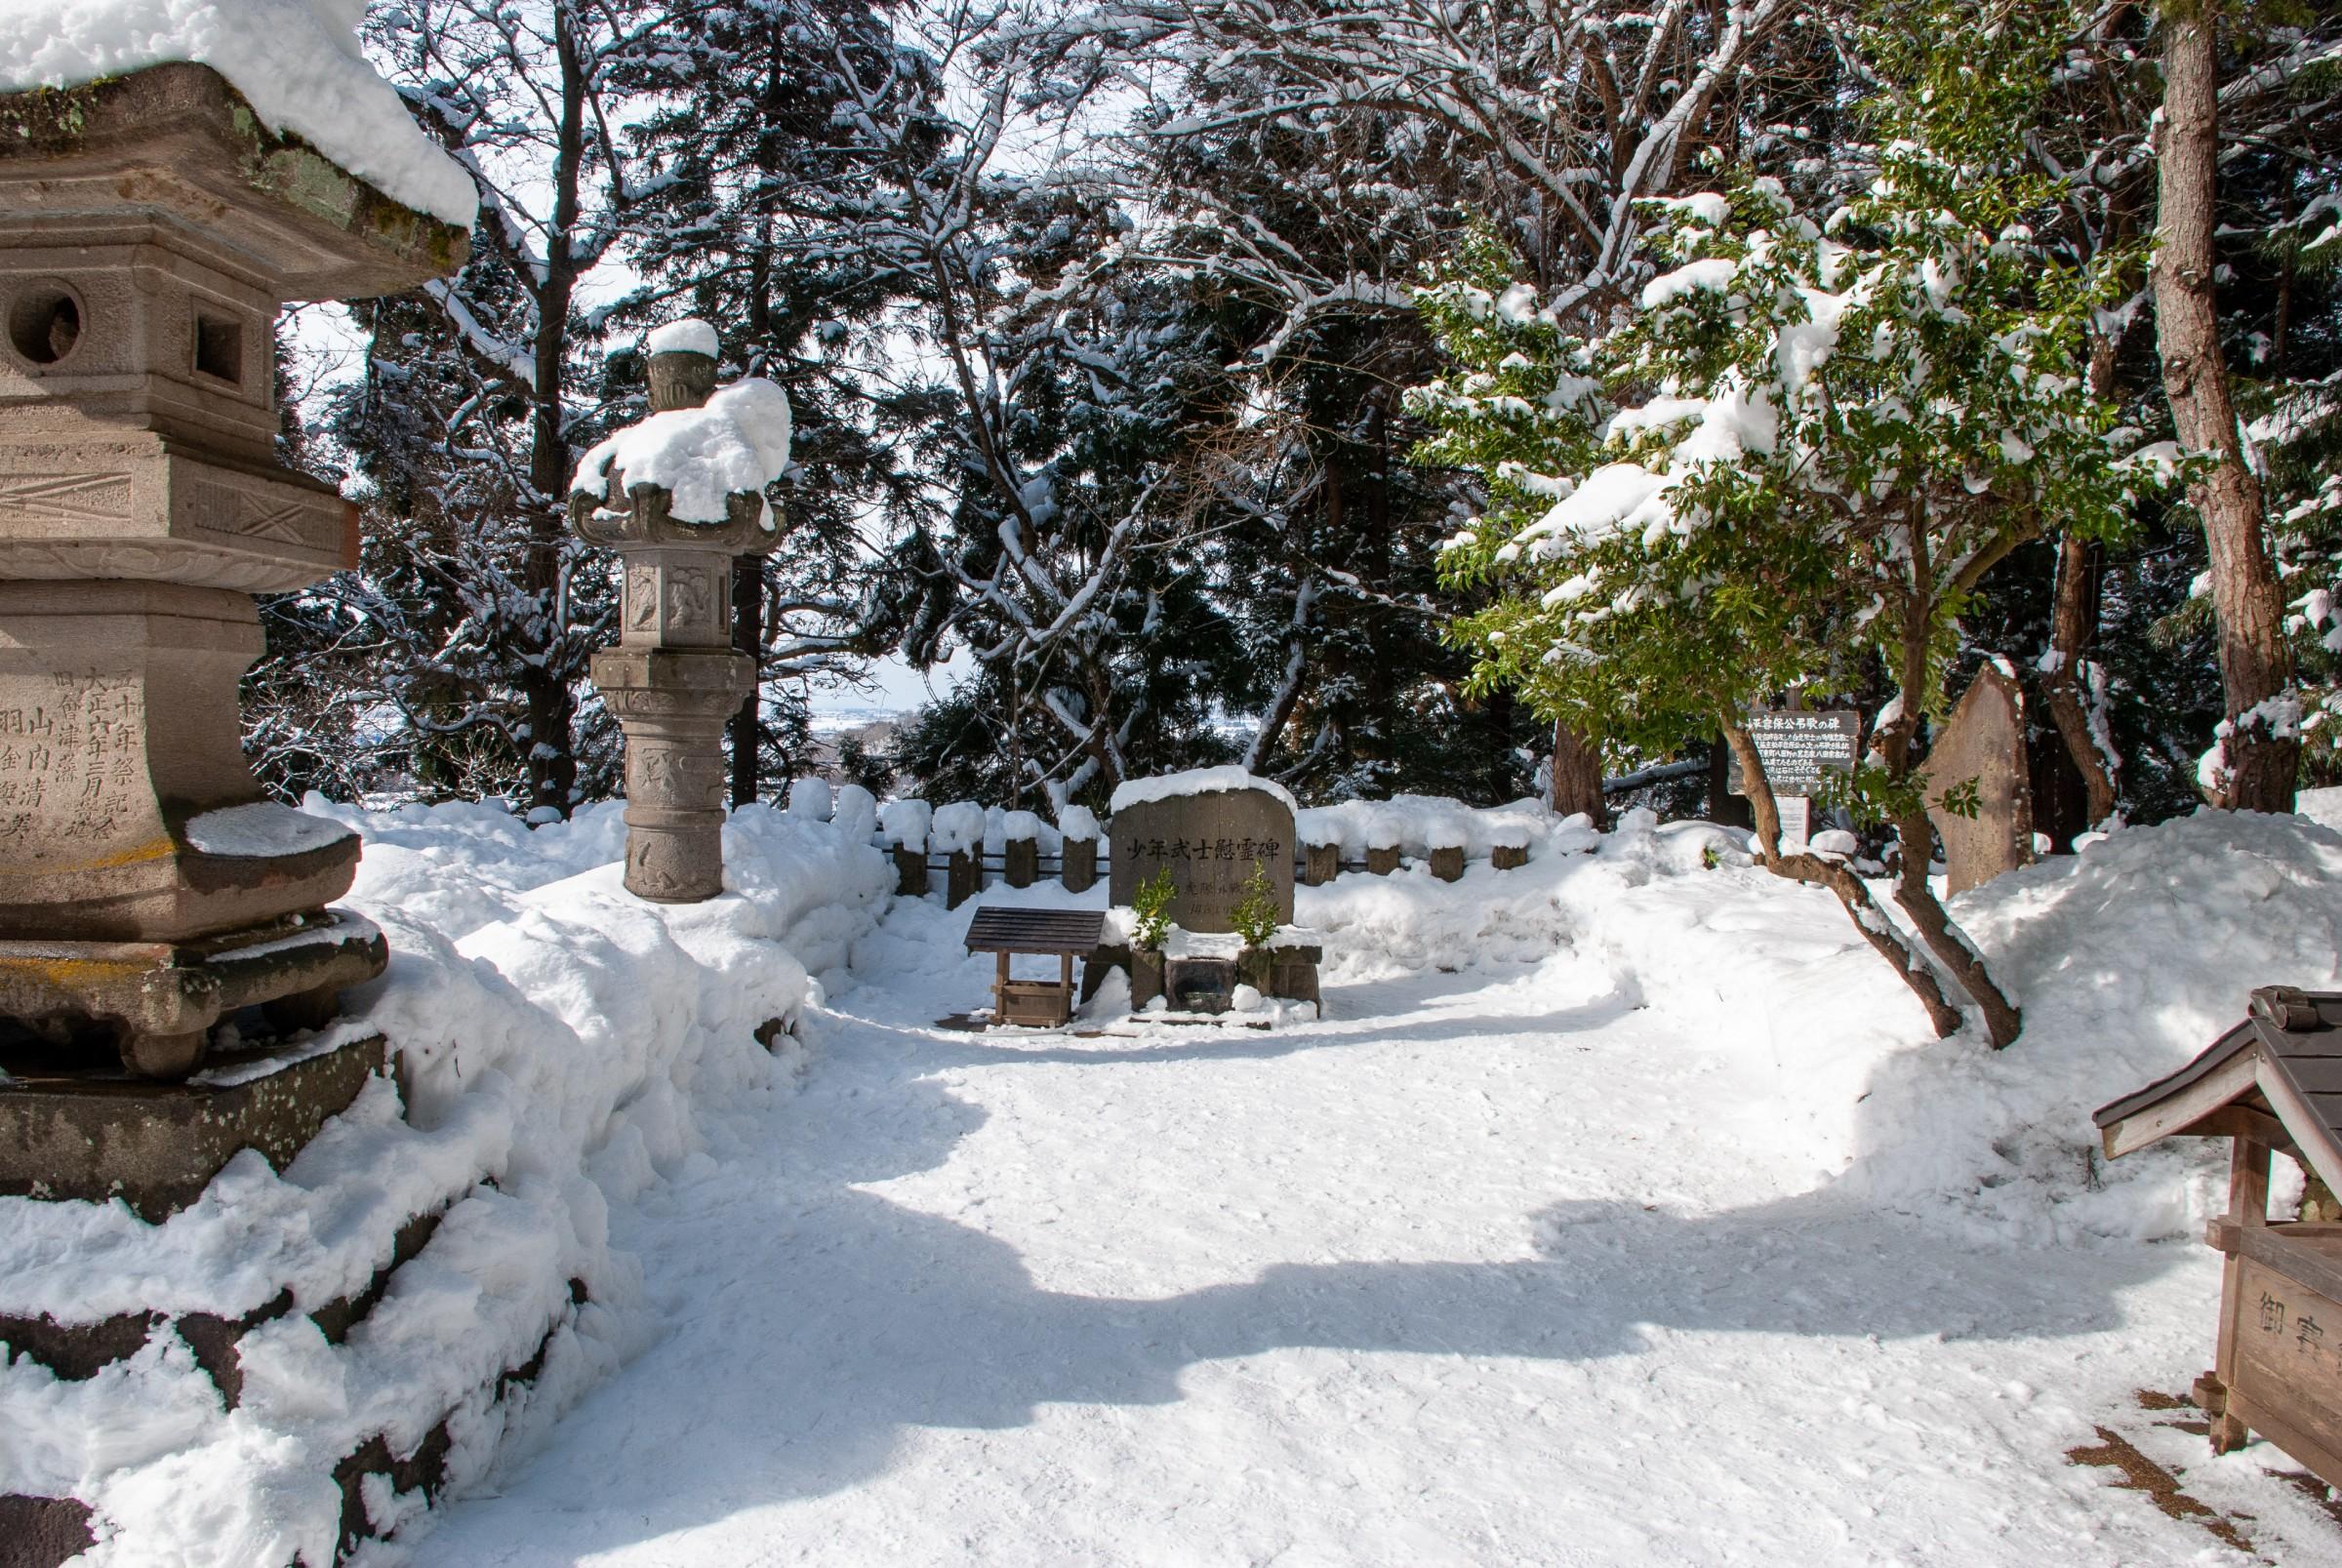 Snow-covered samurai graves at the top of Iimori hill in Aizu-Wakamatsu